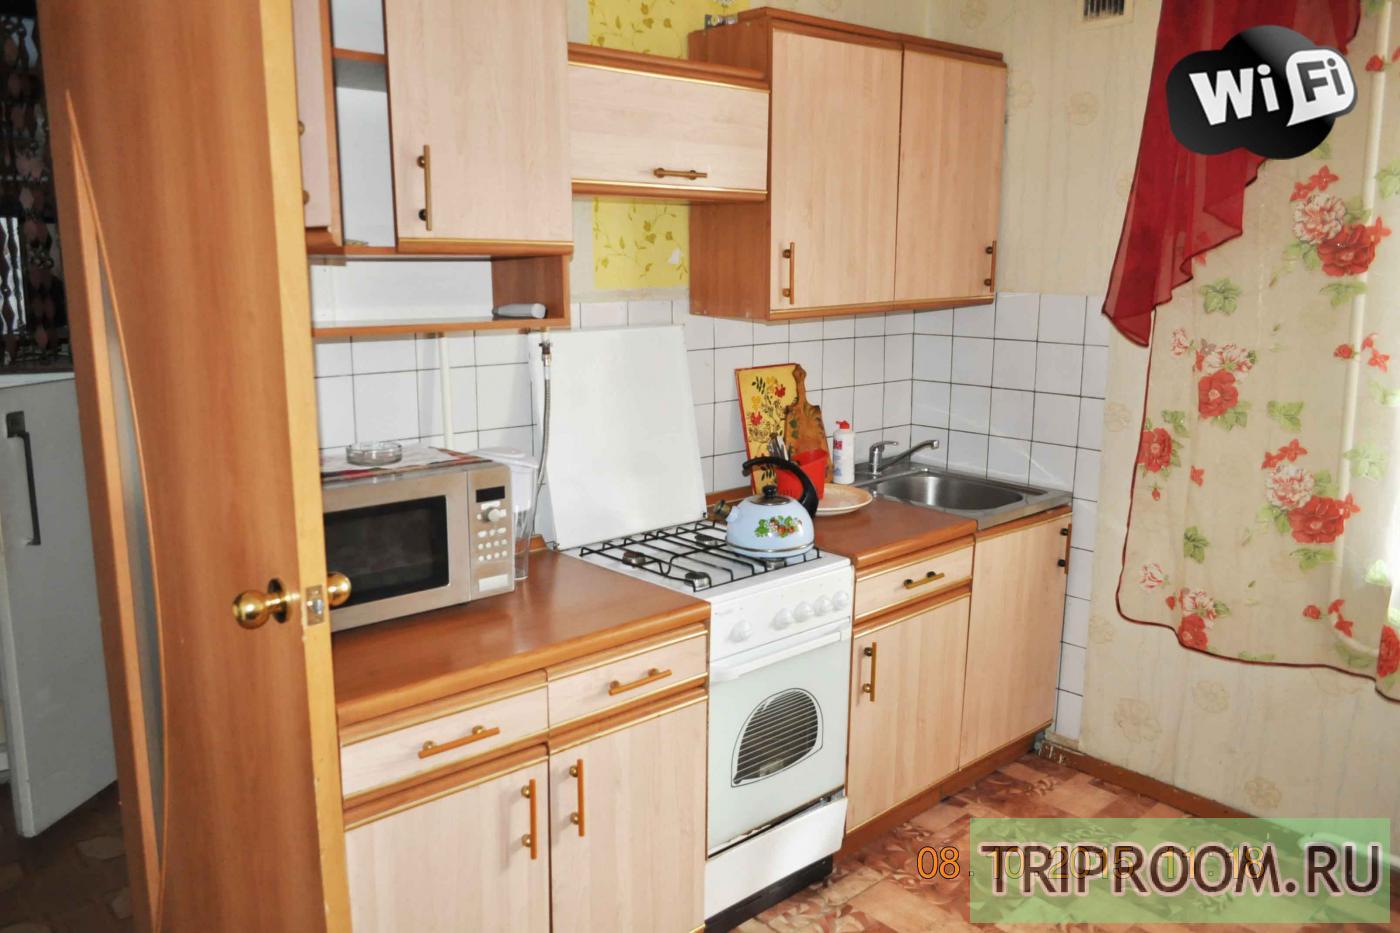 1-комнатная квартира посуточно (вариант № 11707), ул. Нижегородская улица, фото № 15